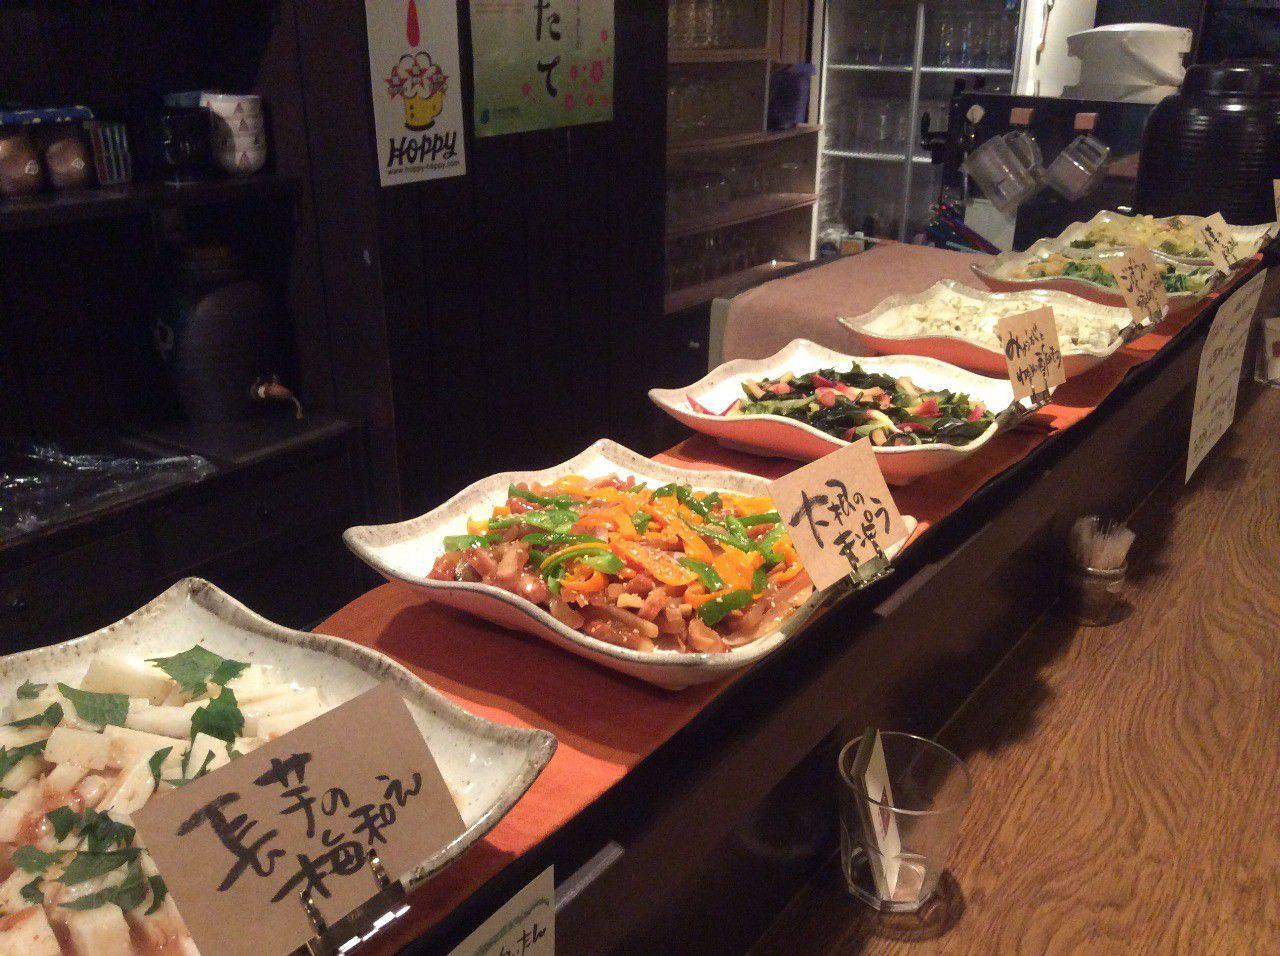 神戸駅周辺でランチはいかが?ビュッフェからカツカレーまで色々おすすめランチご紹介